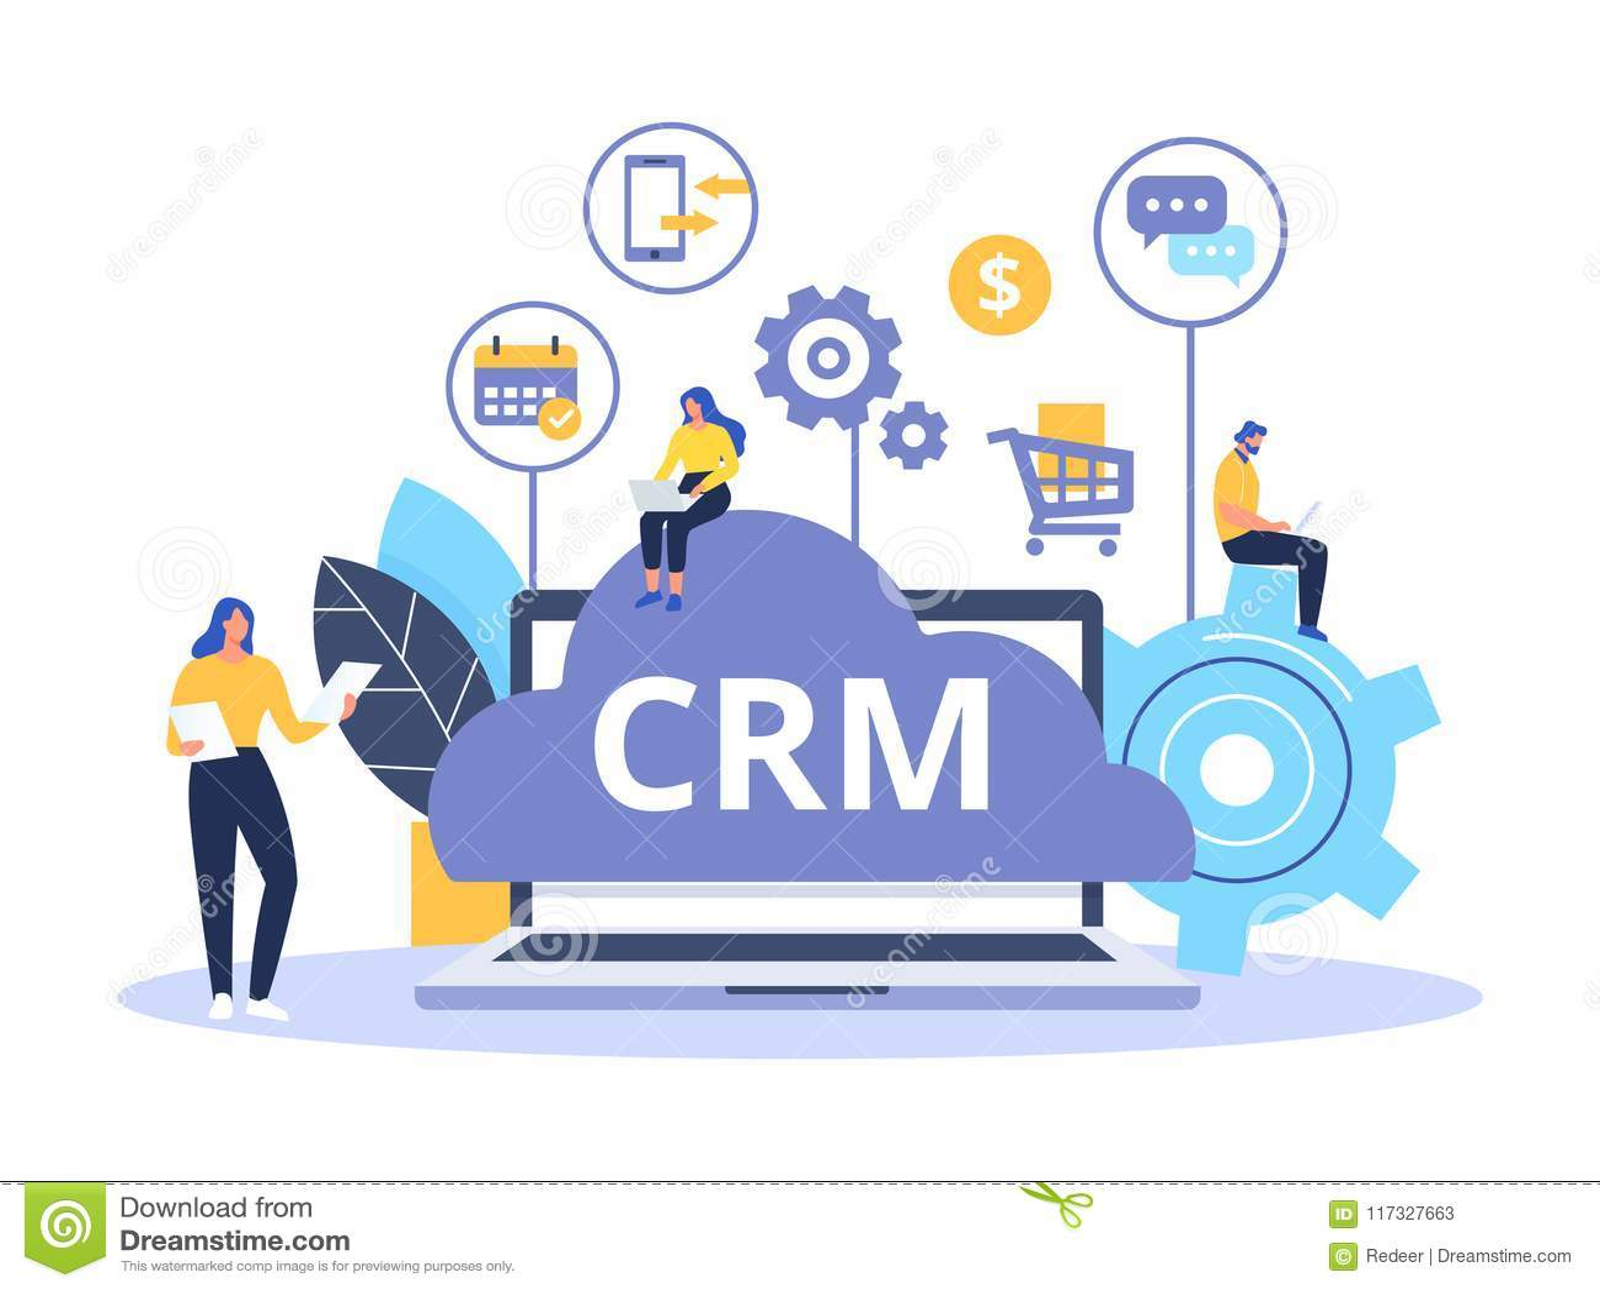 Организация данных на работе с клиентами, управлении отношения клиента Дизайн концепции CRM с элементами вектора